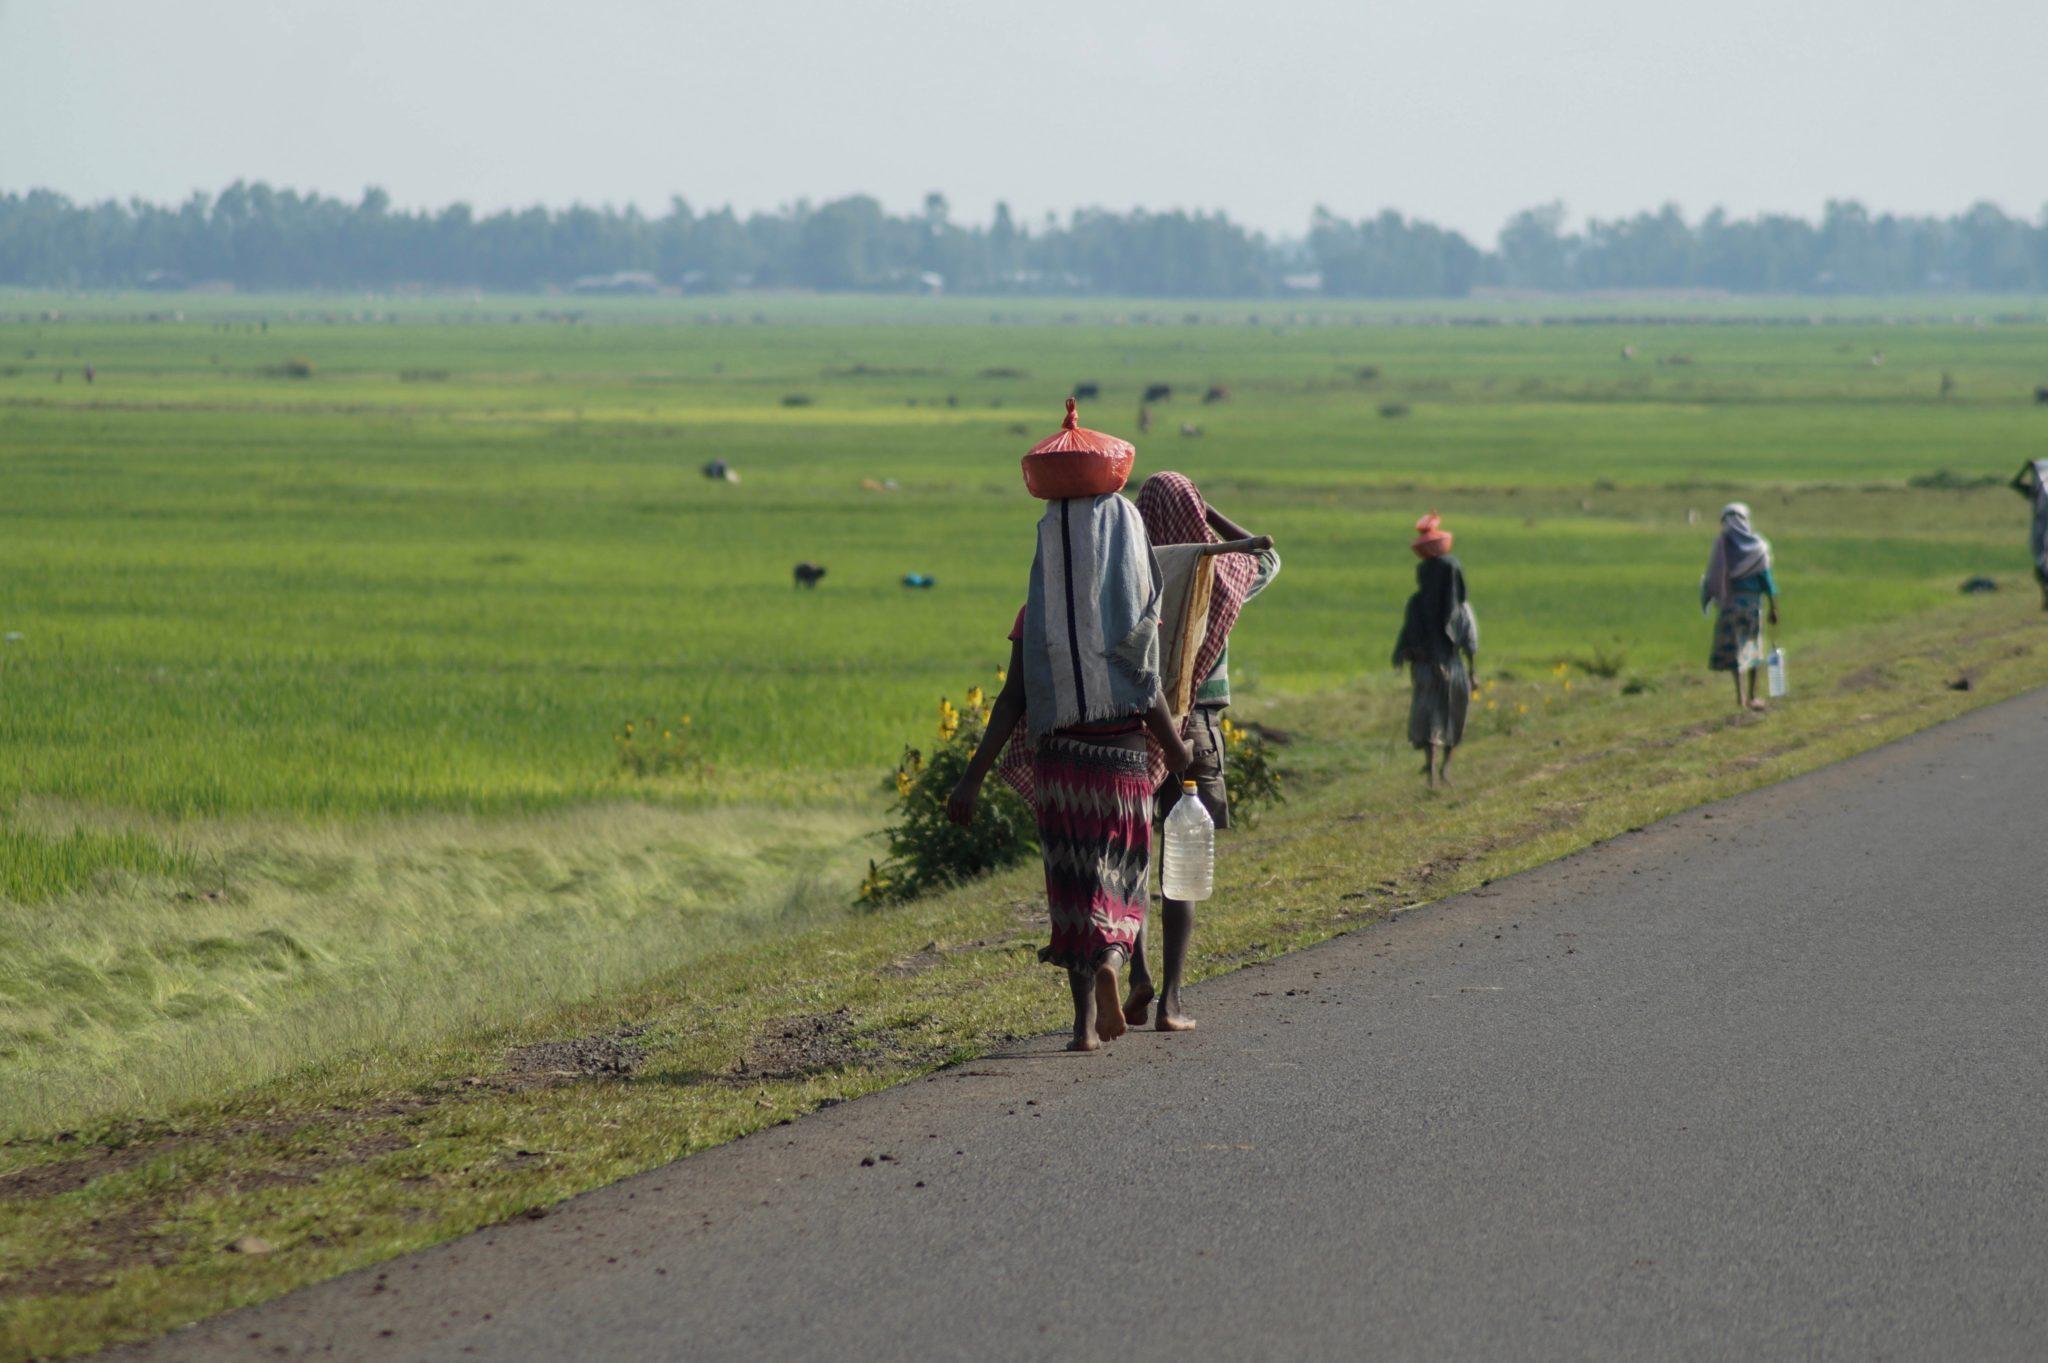 Äthiopien Norden: Grün, grüner, Äthiopien.